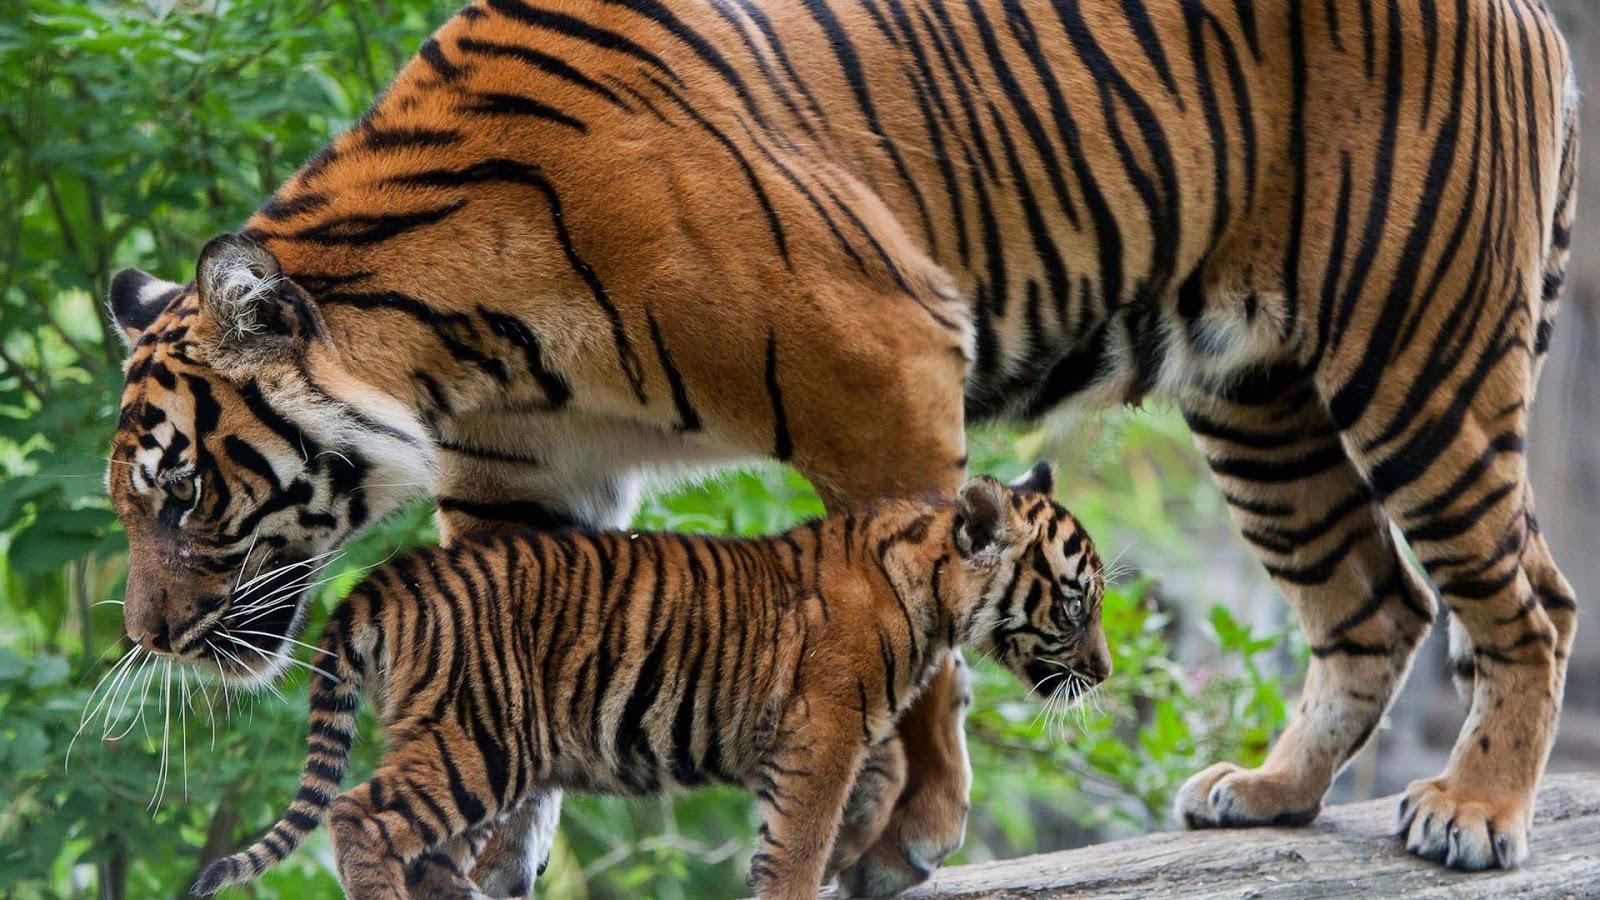 harimau-mumi-dengan-kecil-anaknya-bayi-hd